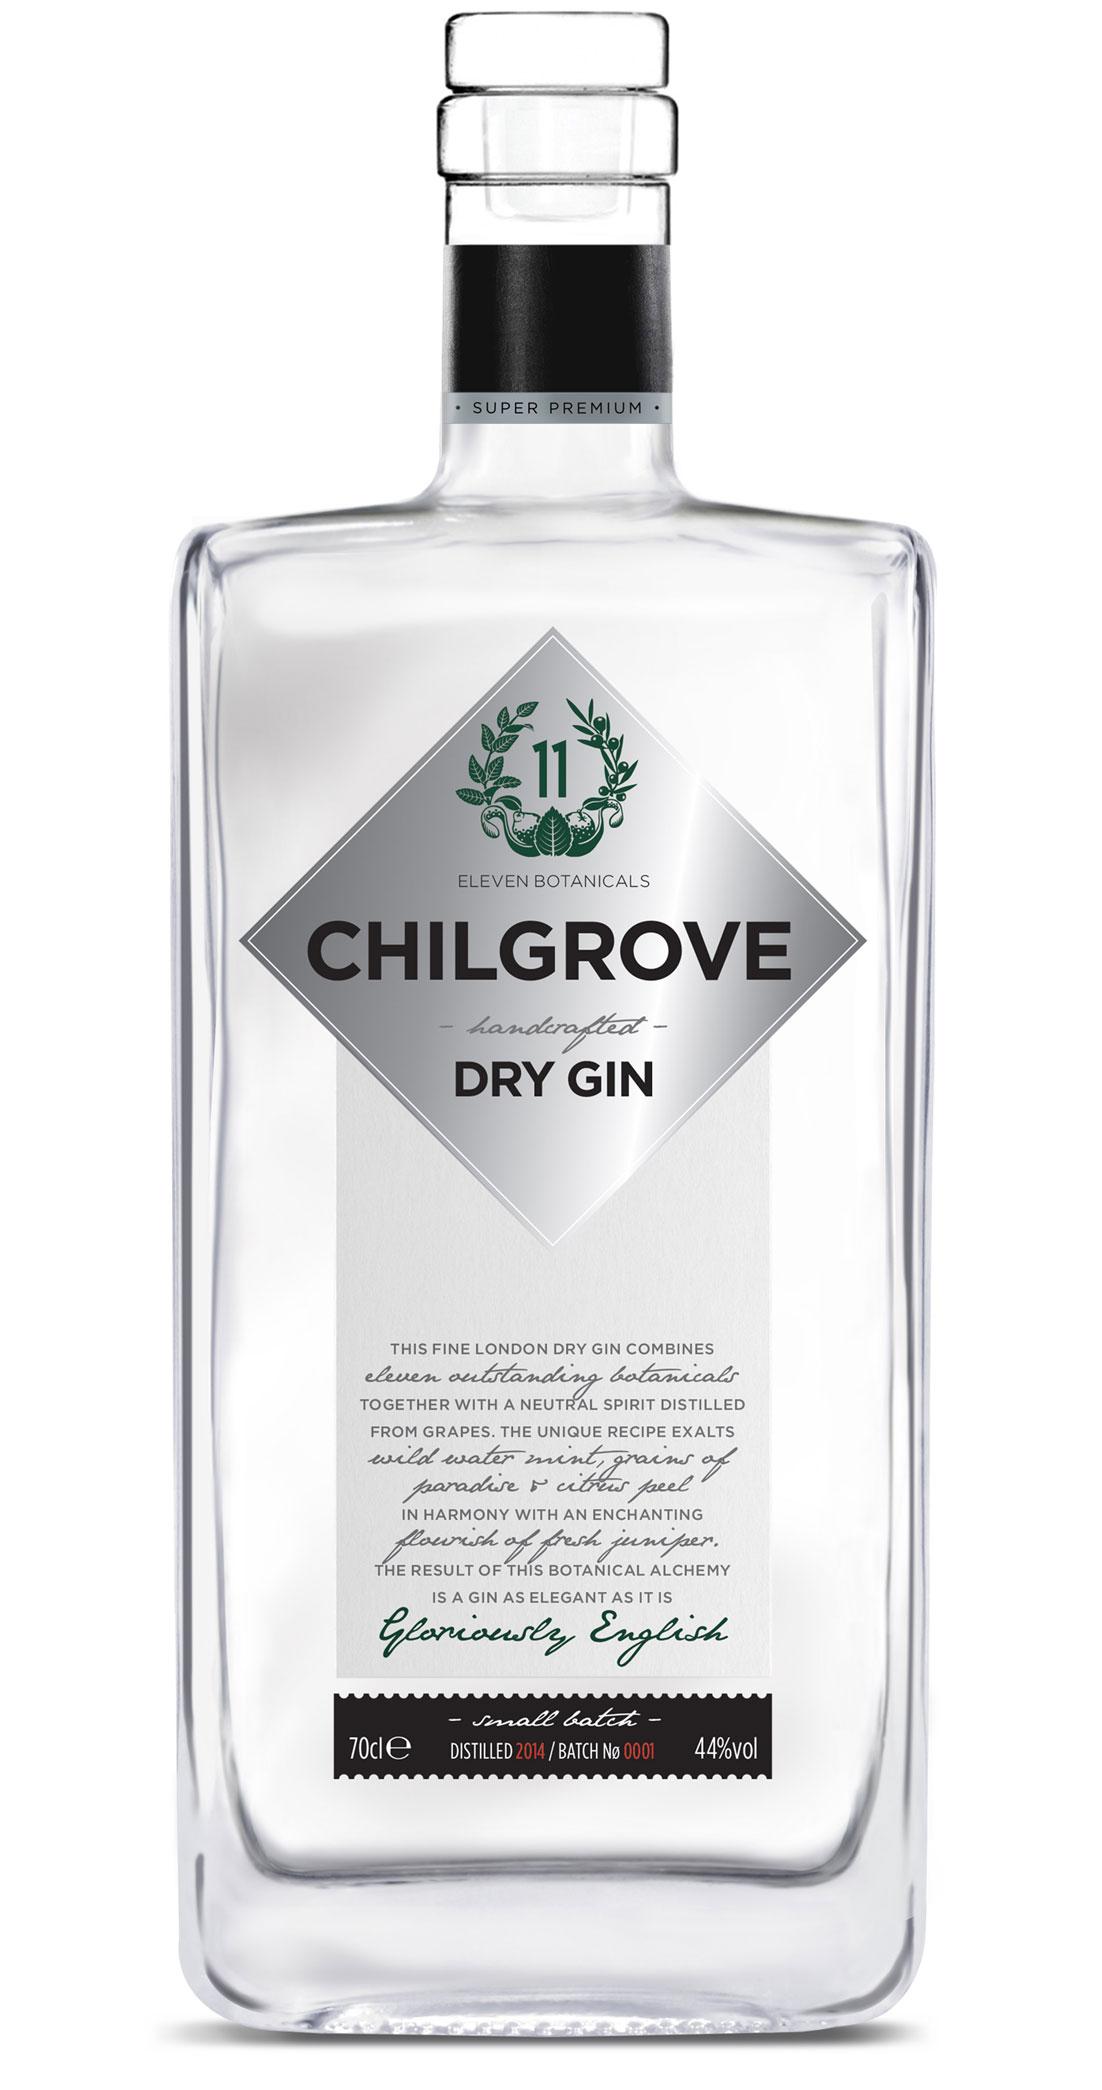 Chilgrove Gin